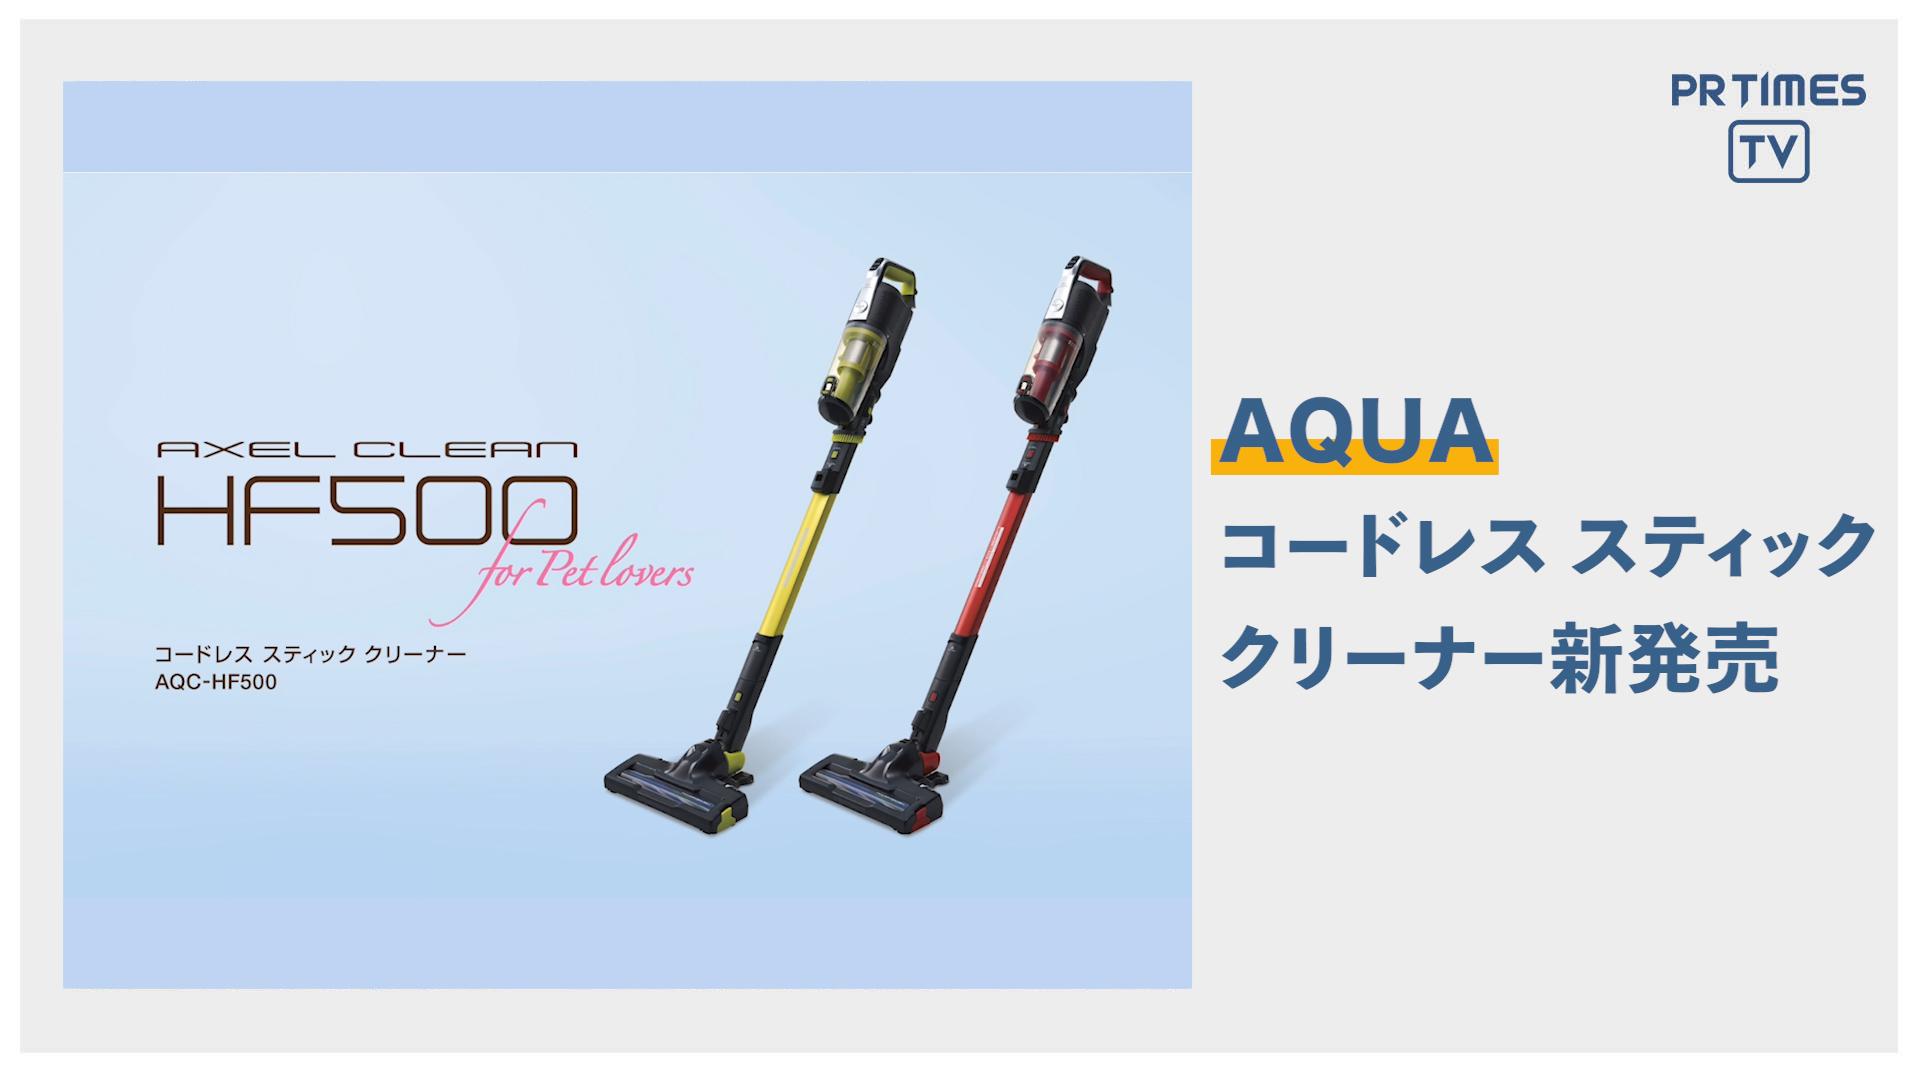 「AQUA」 愛犬家・愛猫家のためのコードレススティッククリーナー『HF500』4月17日新発売